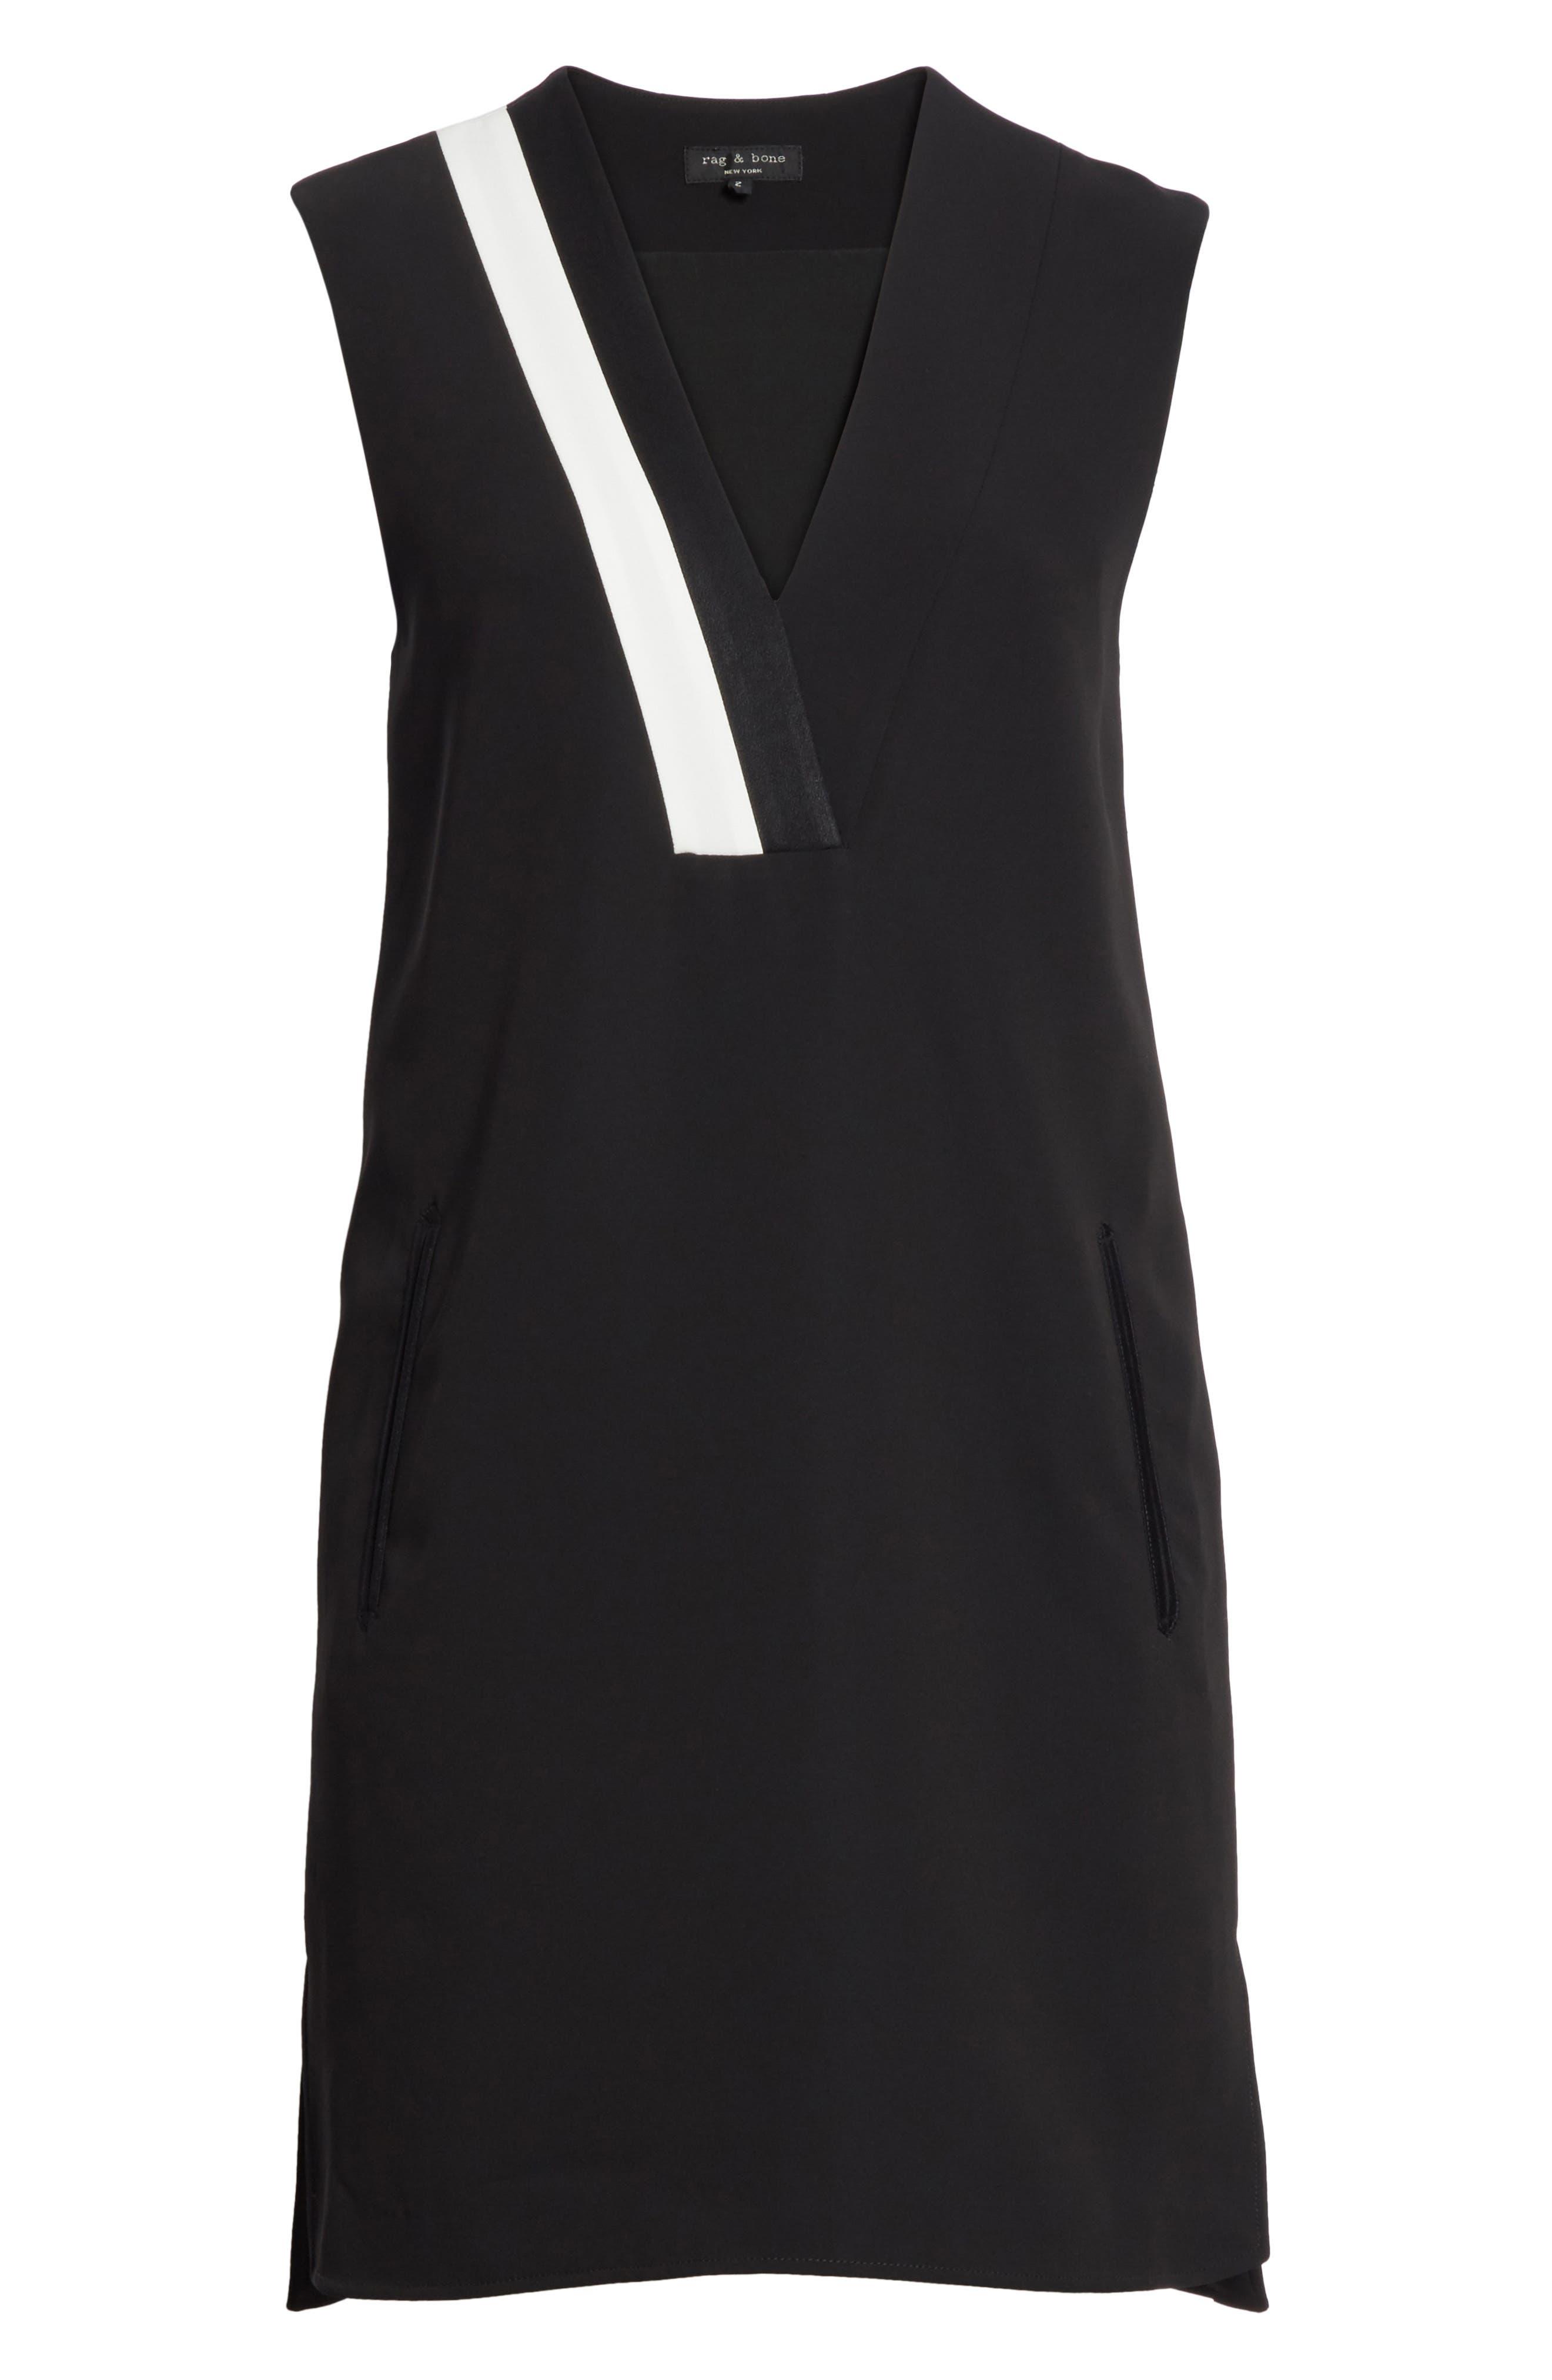 Lodwick Dress,                             Alternate thumbnail 6, color,                             Black